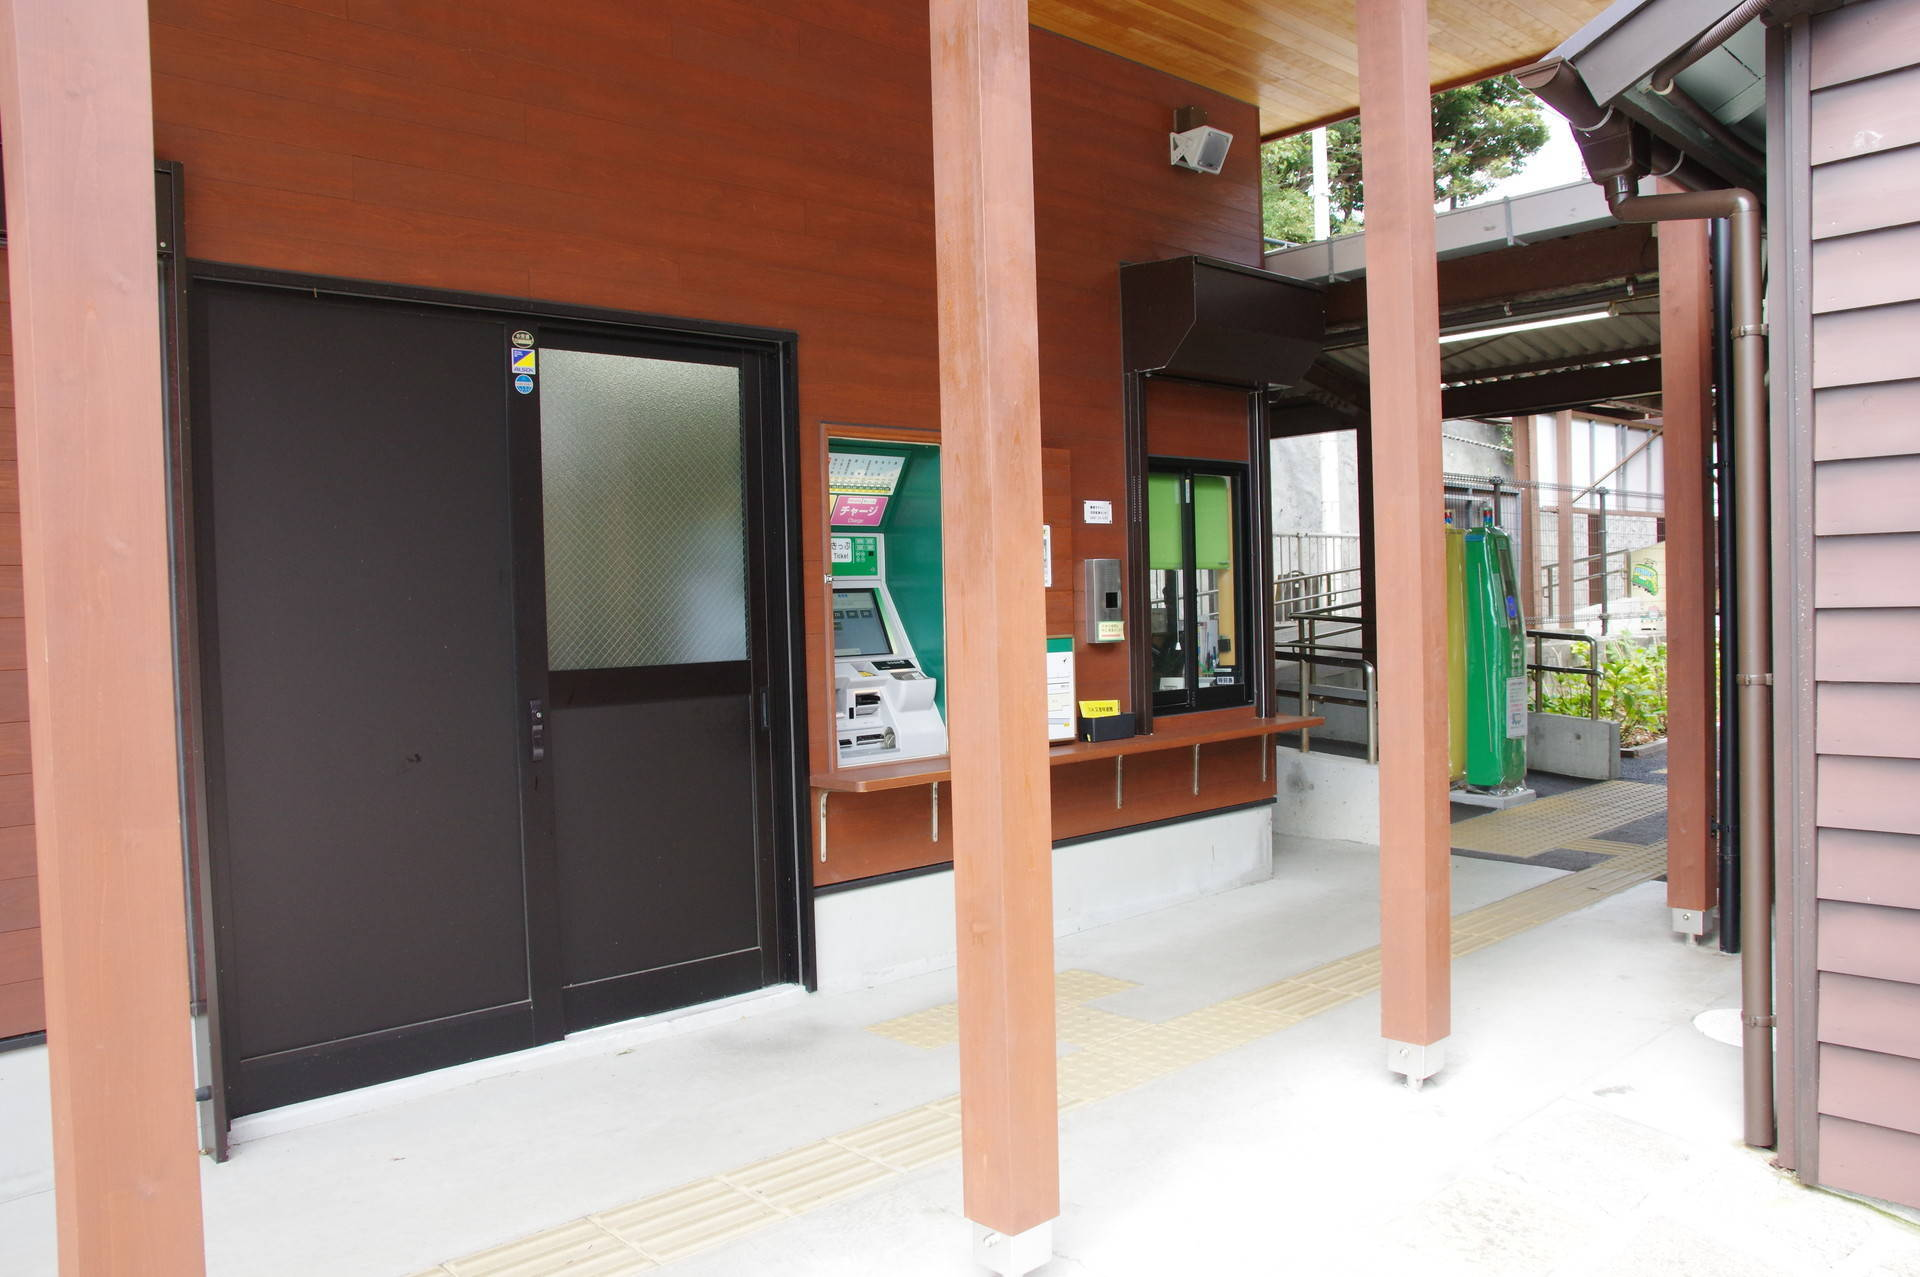 自動券売機と駅事務室